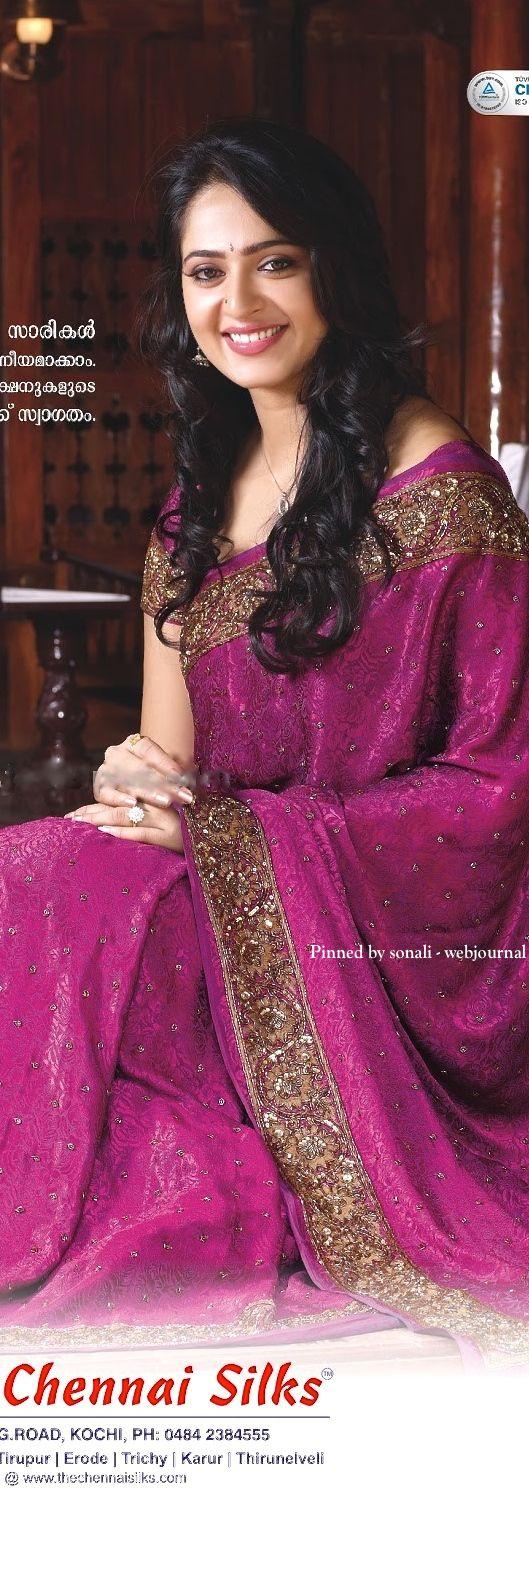 Anoushka in Chennai silk saree